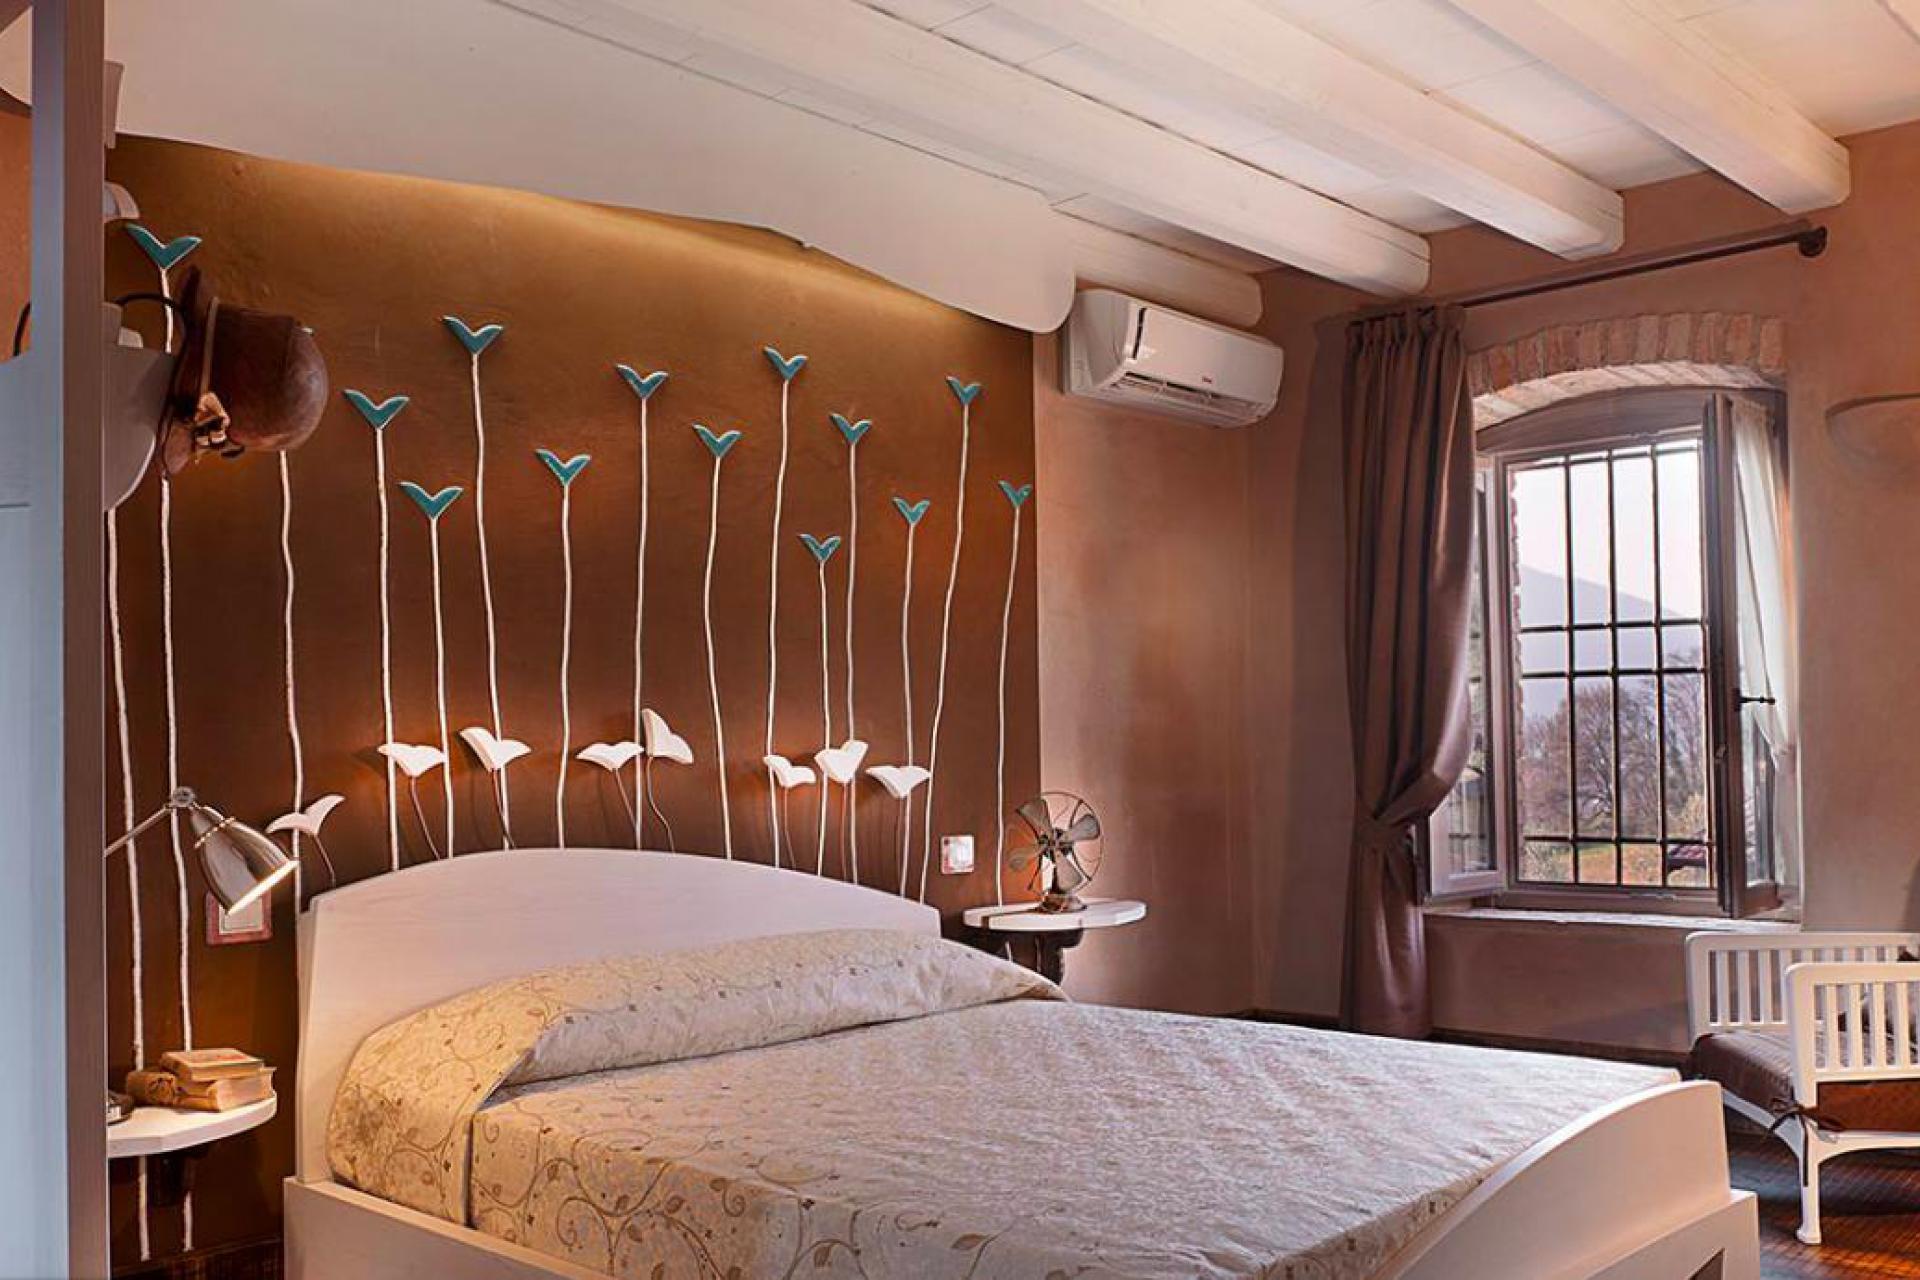 Agriturismo Comomeer en Gardameer Country hotel Gardameer, voor liefhebbers van luxe en rust